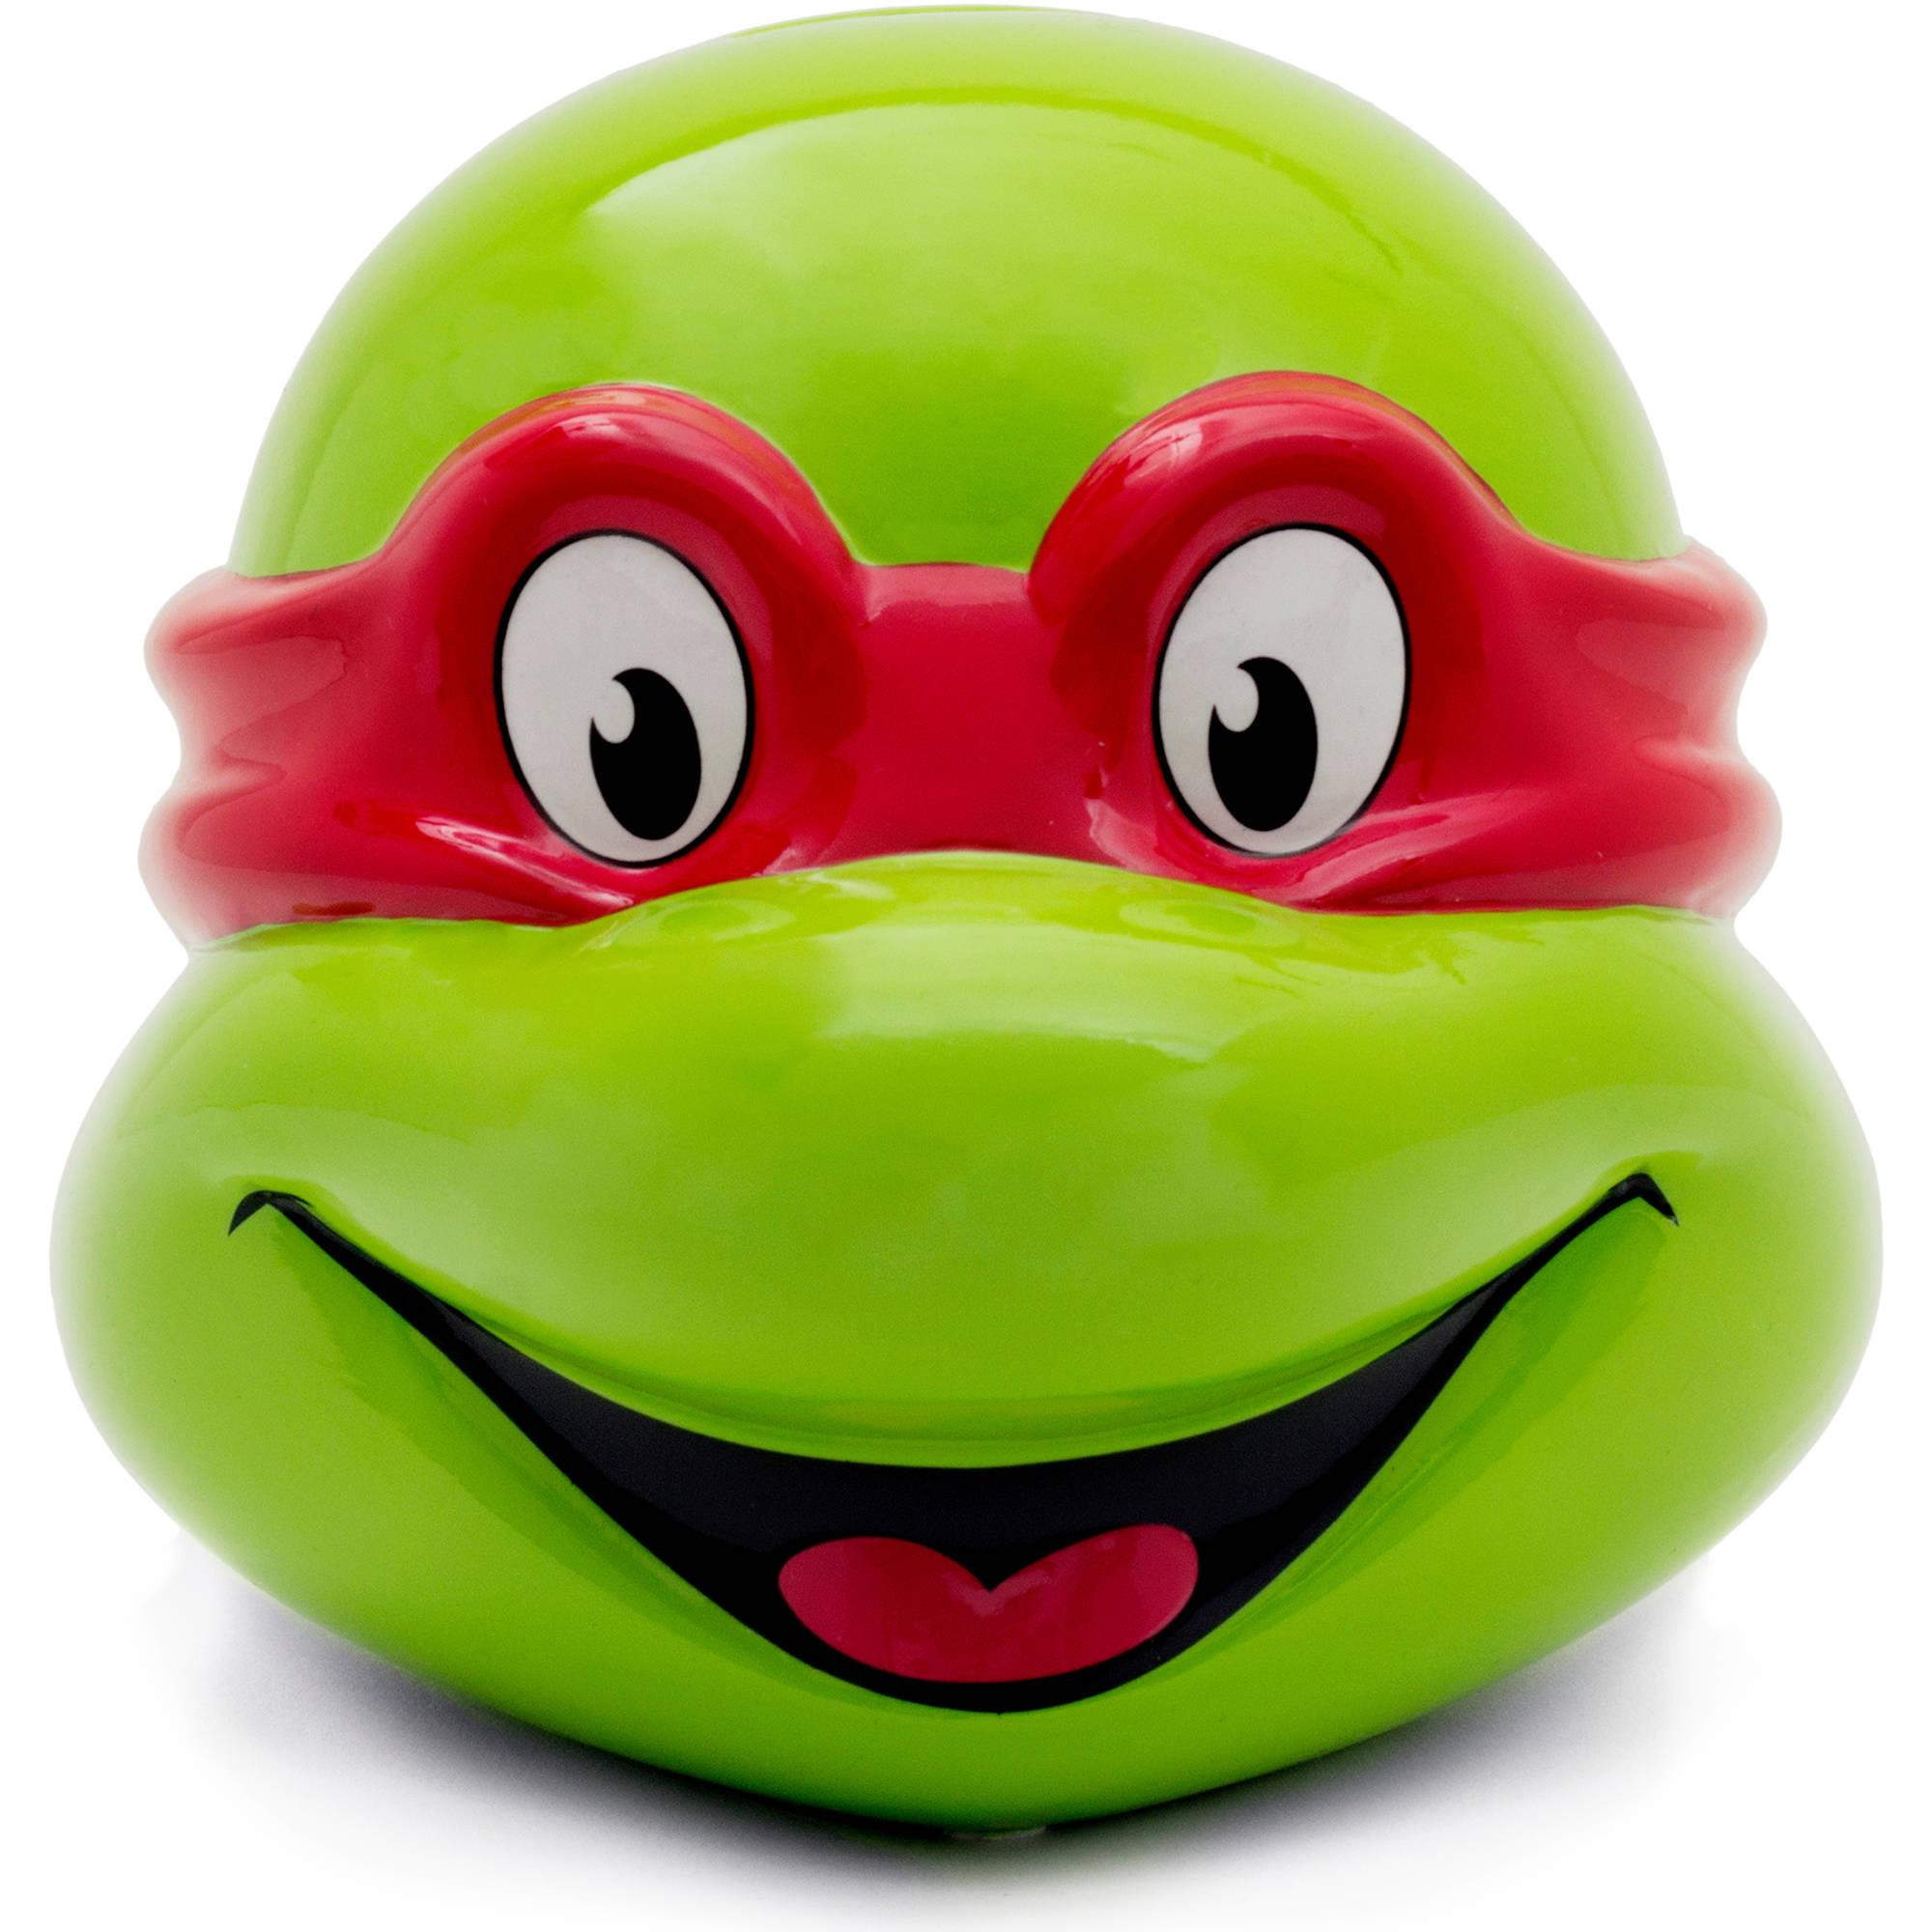 Teenage Mutant Ninja Turtle Ceramic Raphael Head Piggy Bank